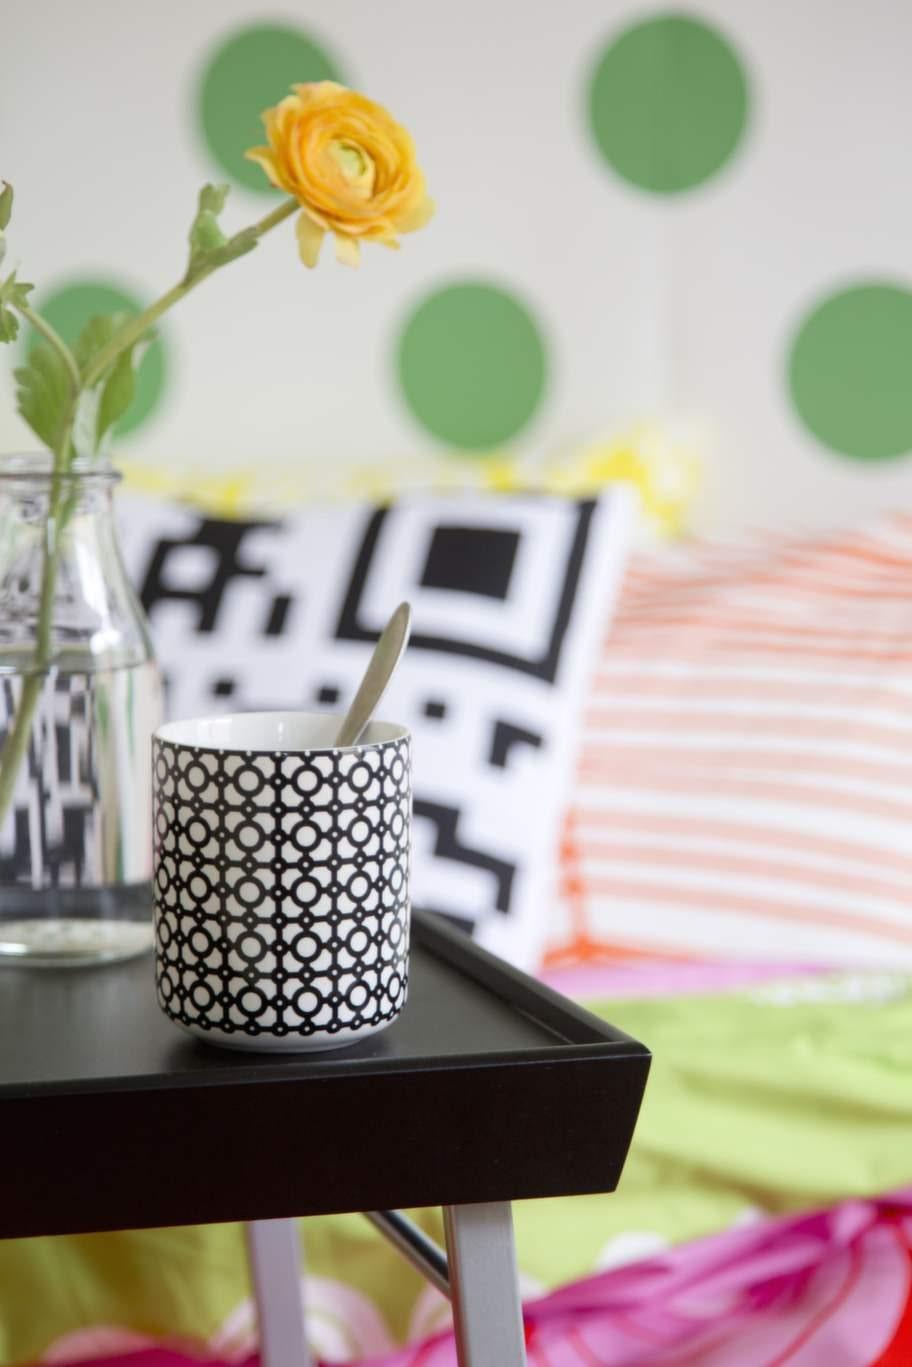 Sängbricka i trä med fällbara benstativ i stål, 39 kronor, Ellos. Grafisk mugg, 49:50 kronor, H&M home. Vas Ensidig, 15 kronor, Ikea.